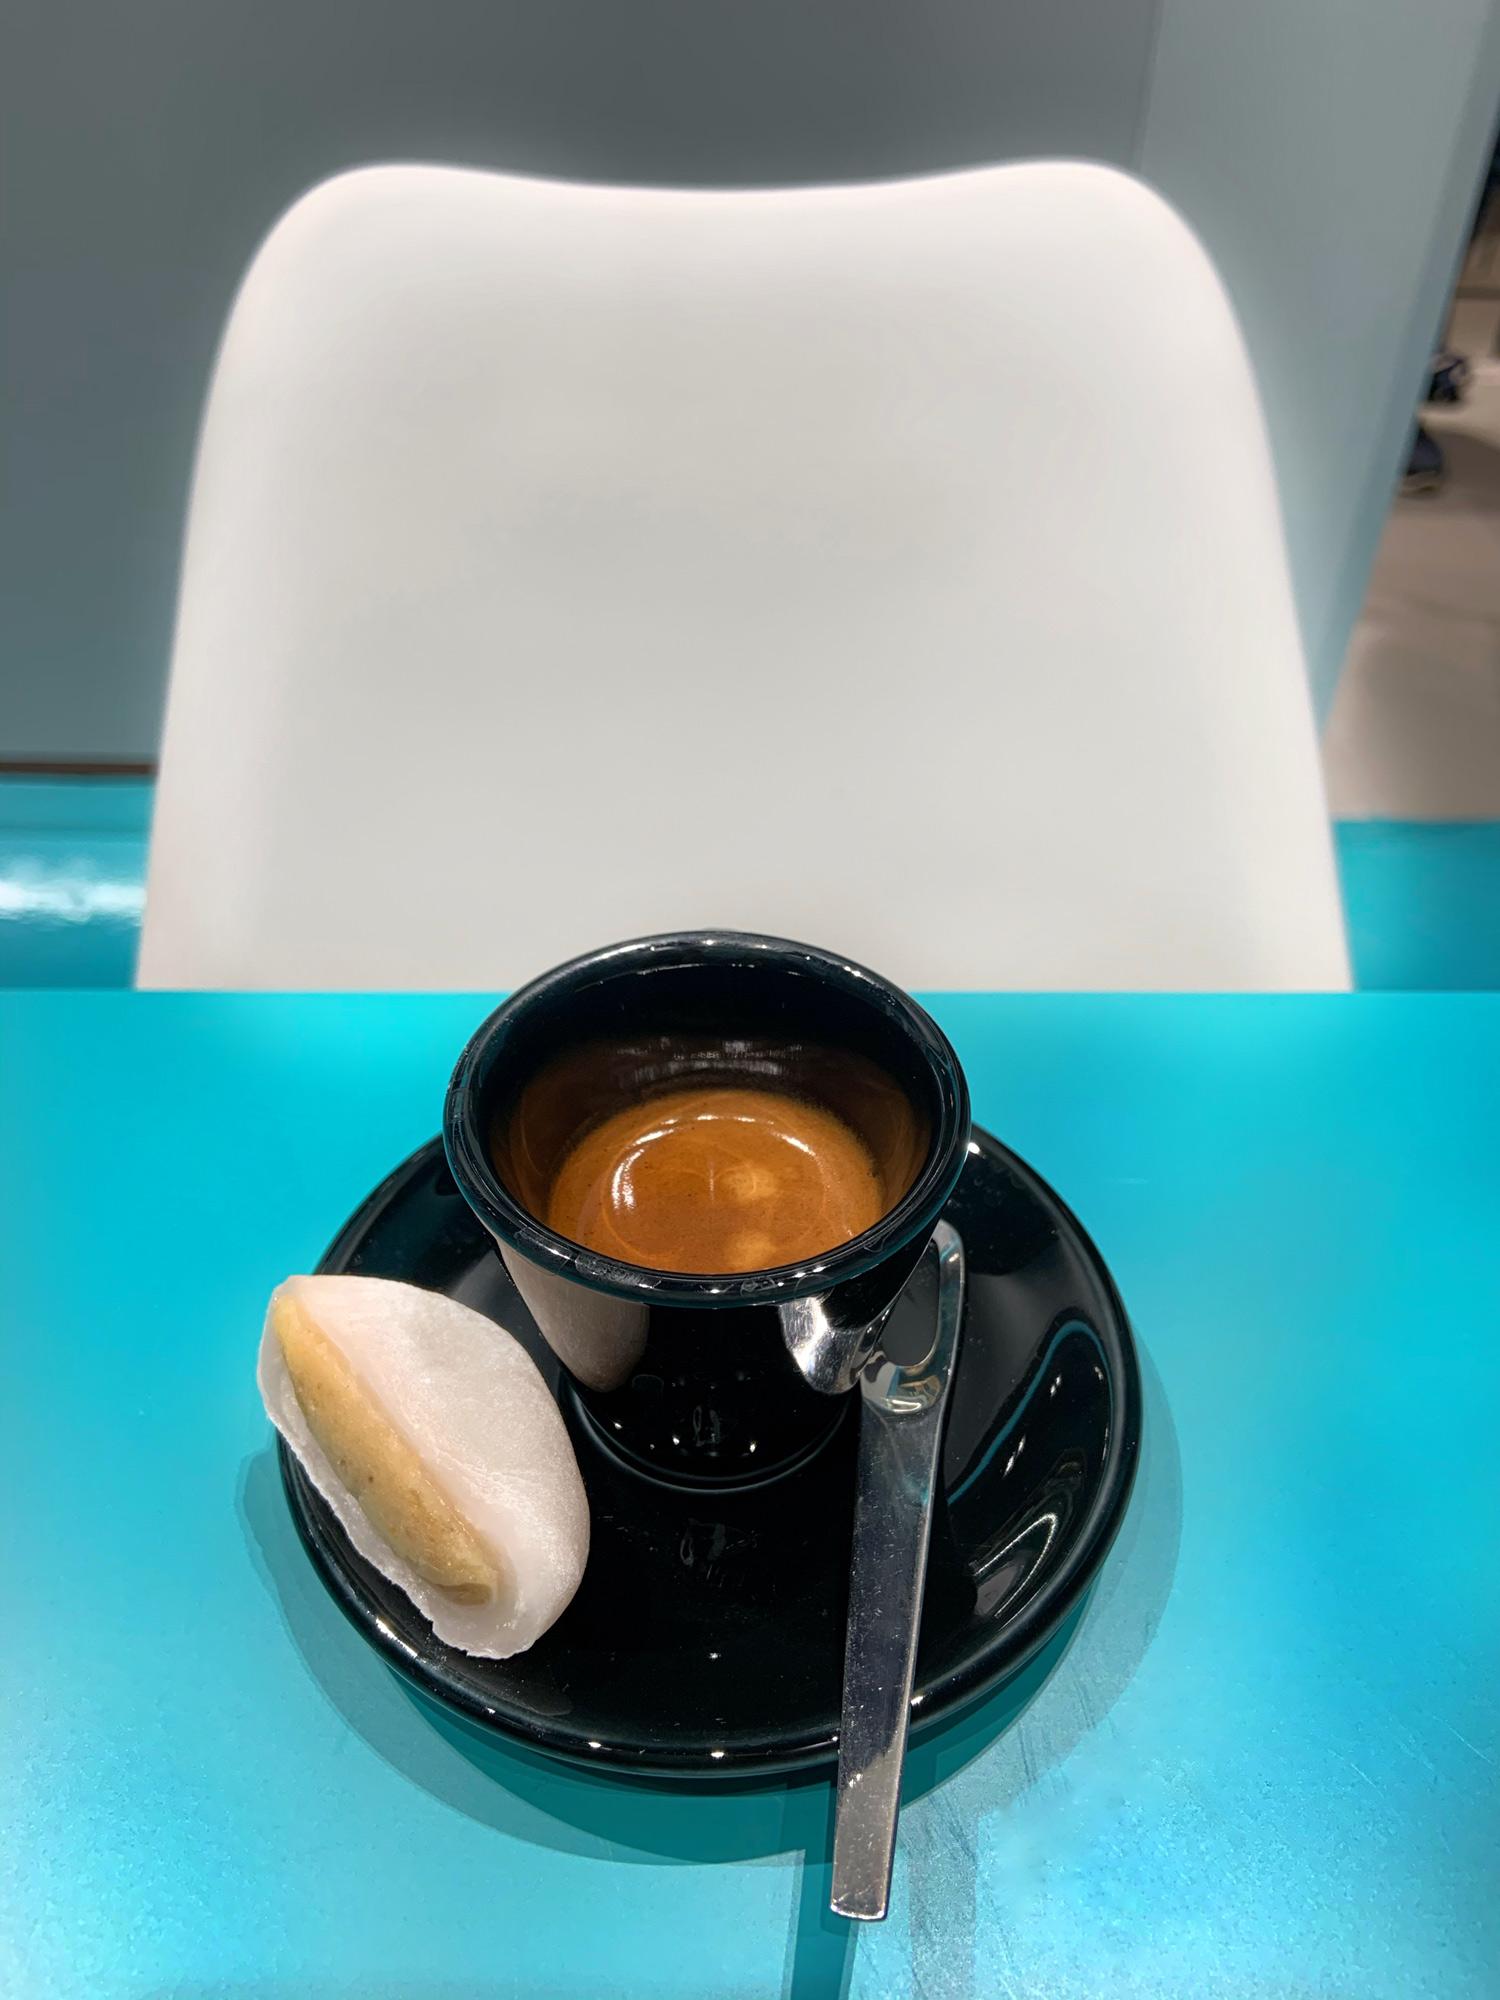 Mochi Daifuku al miso e caffè, nella pasticceria giapponese Hiromi Cake di Milano | ©foto Sandra Longinotti